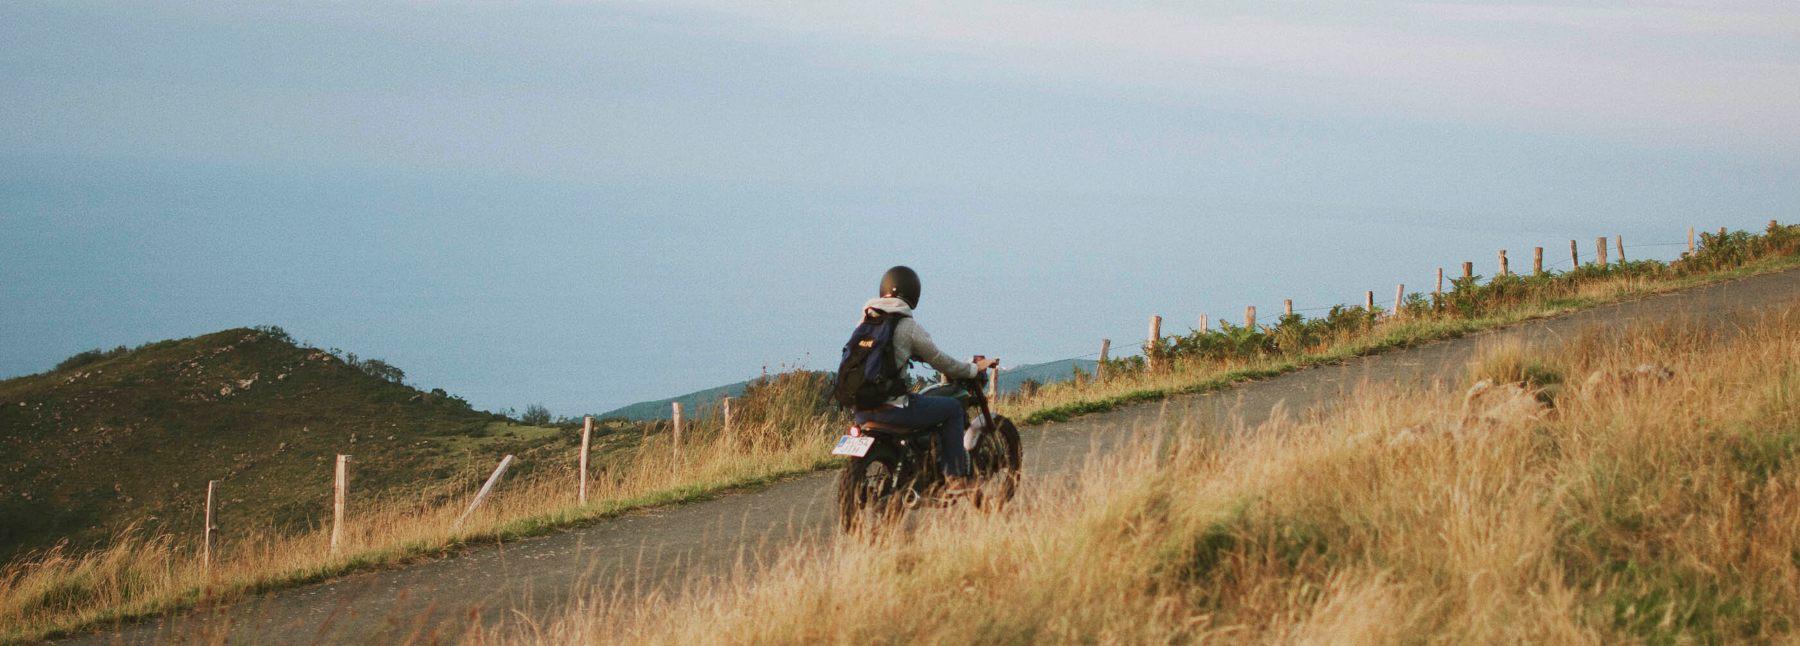 Plano aereo de una moto en carretera en medio de un bosque en otoño